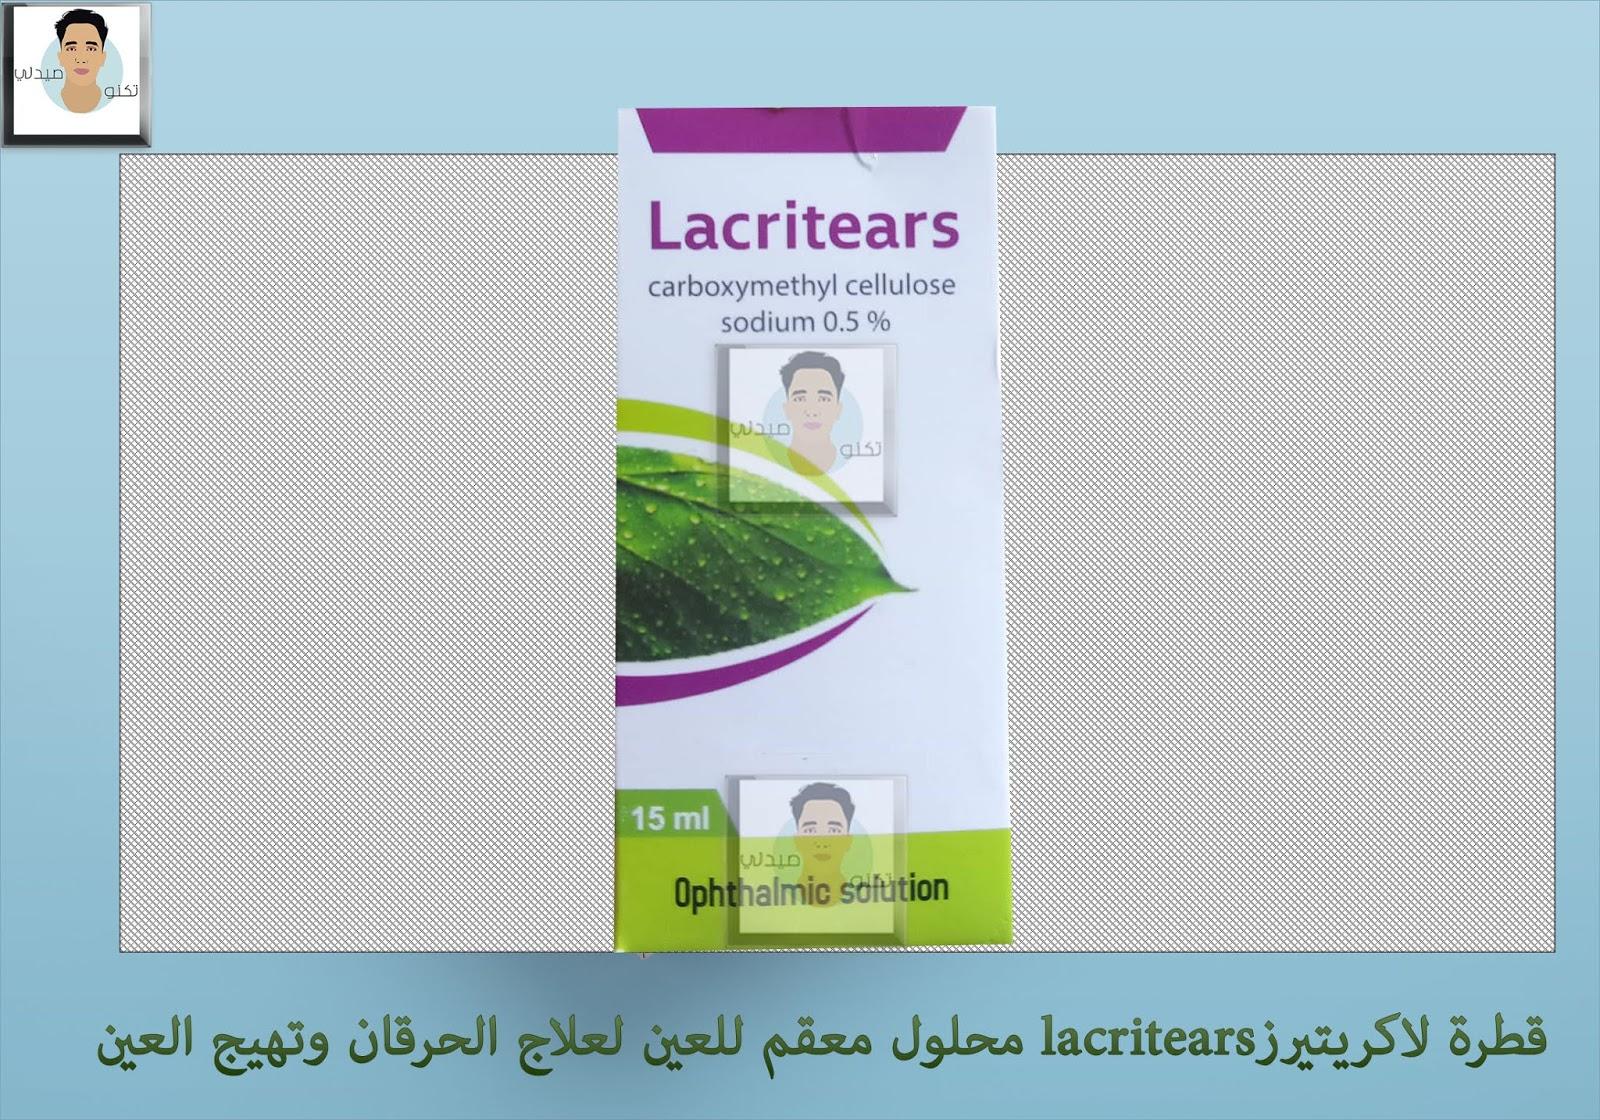 قطرة لاكريتيرزlacritears محلول معقم  لعلاج الحرقان وتهيج العين